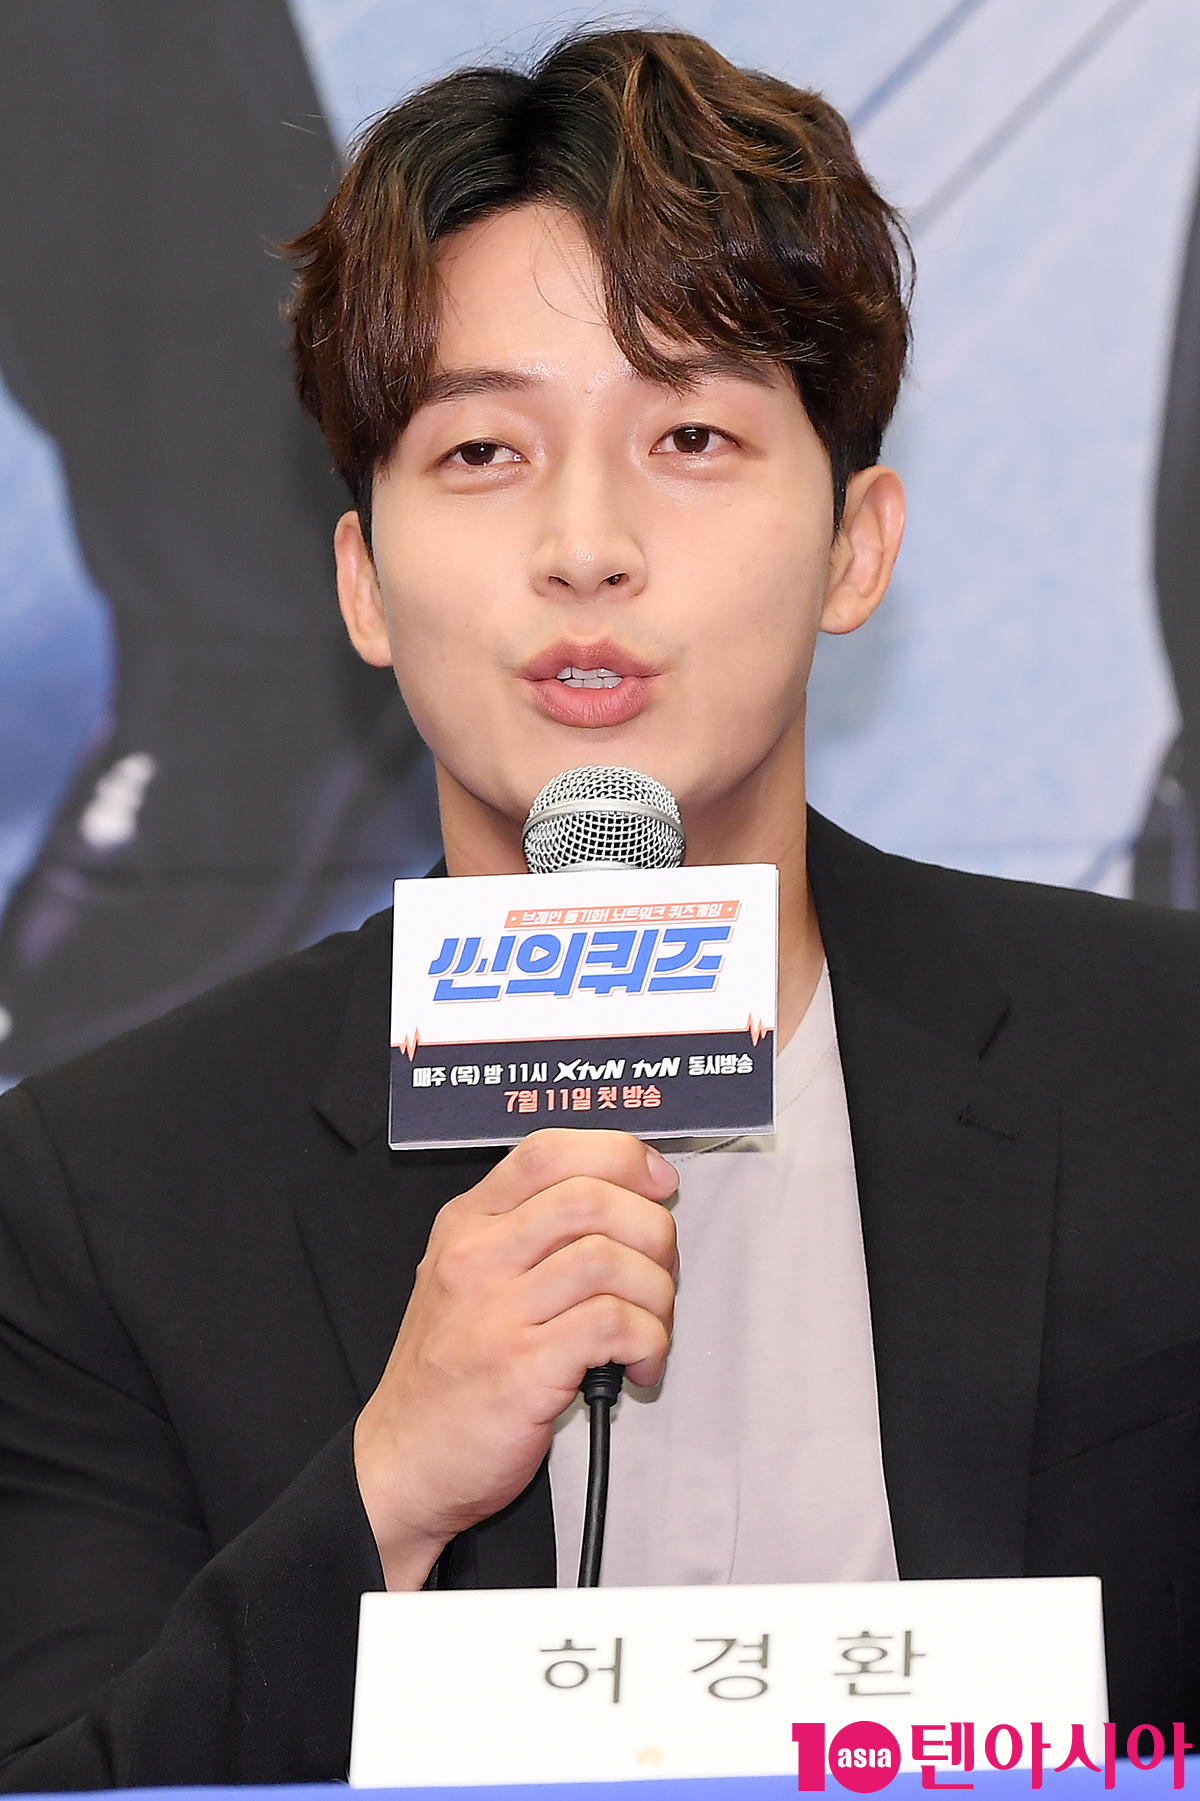 개그맨 허경환이 11일 오전 서울 상암동 스탠포드호텔에서 열린 tvN 예능 '씬의 퀴즈' 제작발표회에 참석해 인사말을 하고 있다.